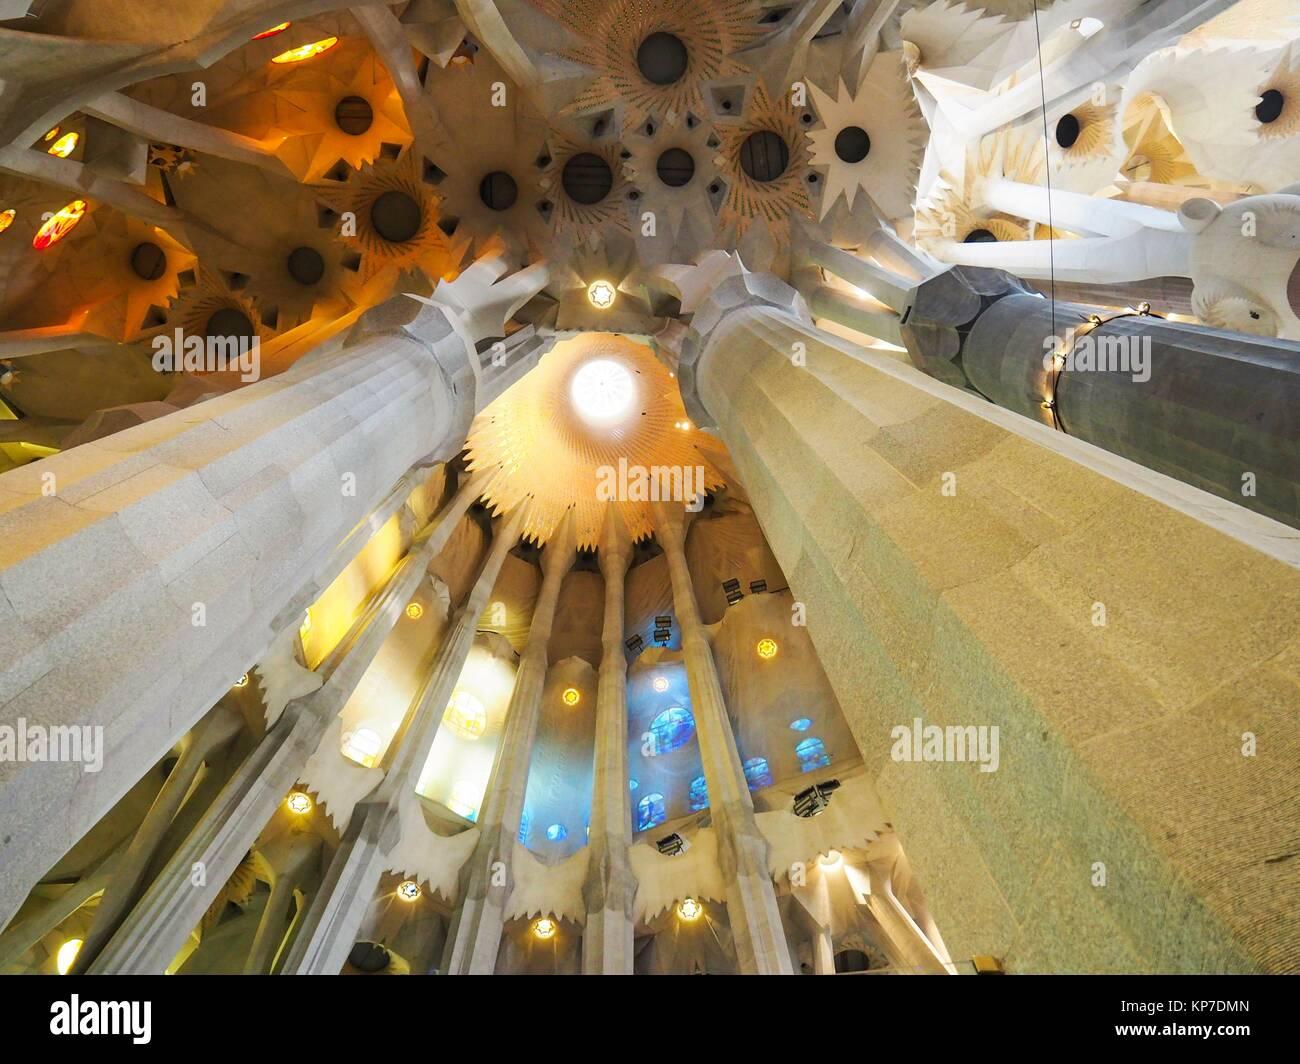 Europa, Spanien, Barcelona, Sagrada Familia, Interieur, Innenausstattung, Gaudi, UNESCO, Weltkulturerbe der UNESCO, Stockbild